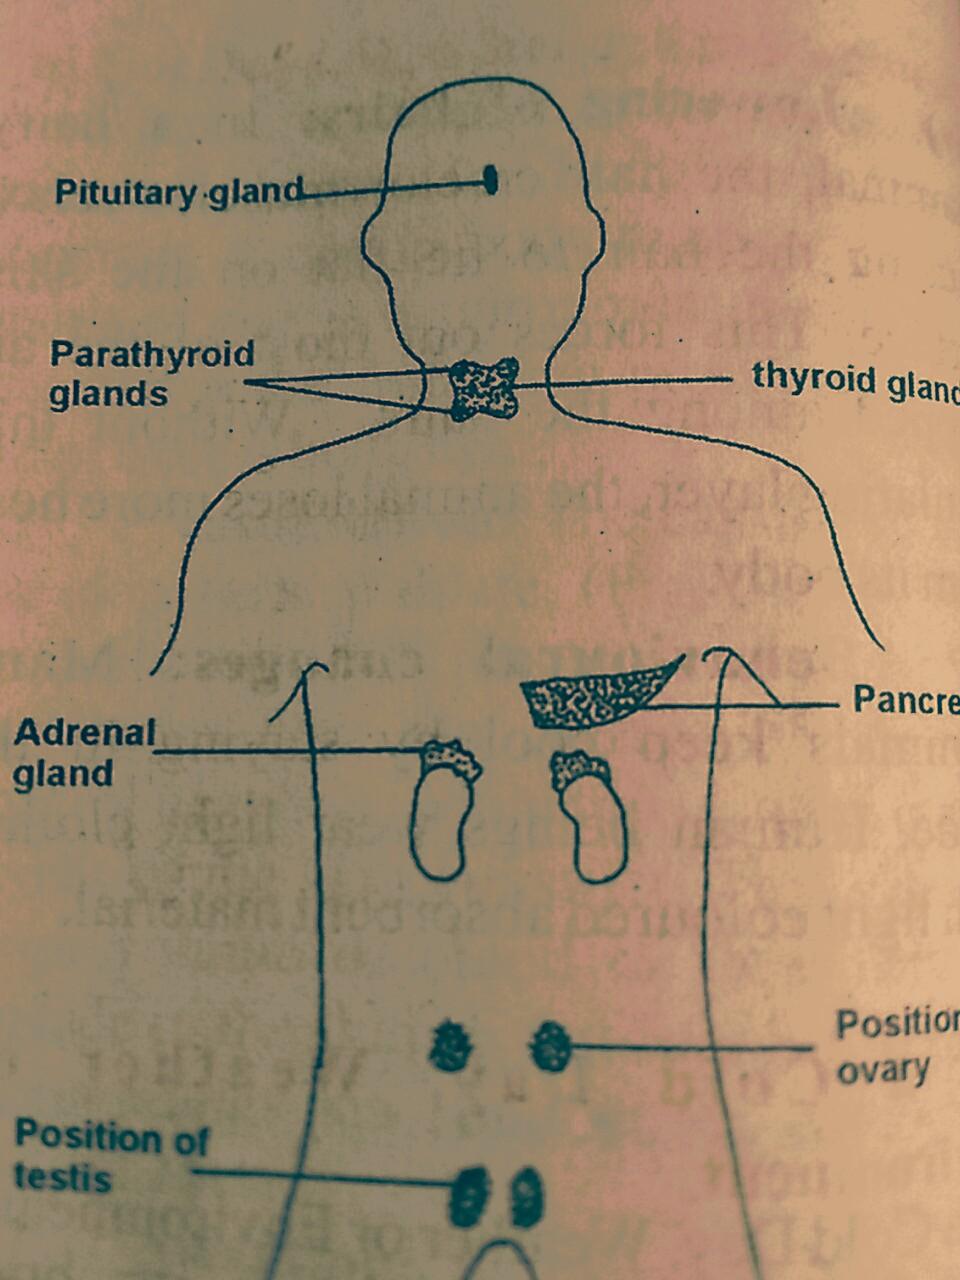 endocrine glands of humans